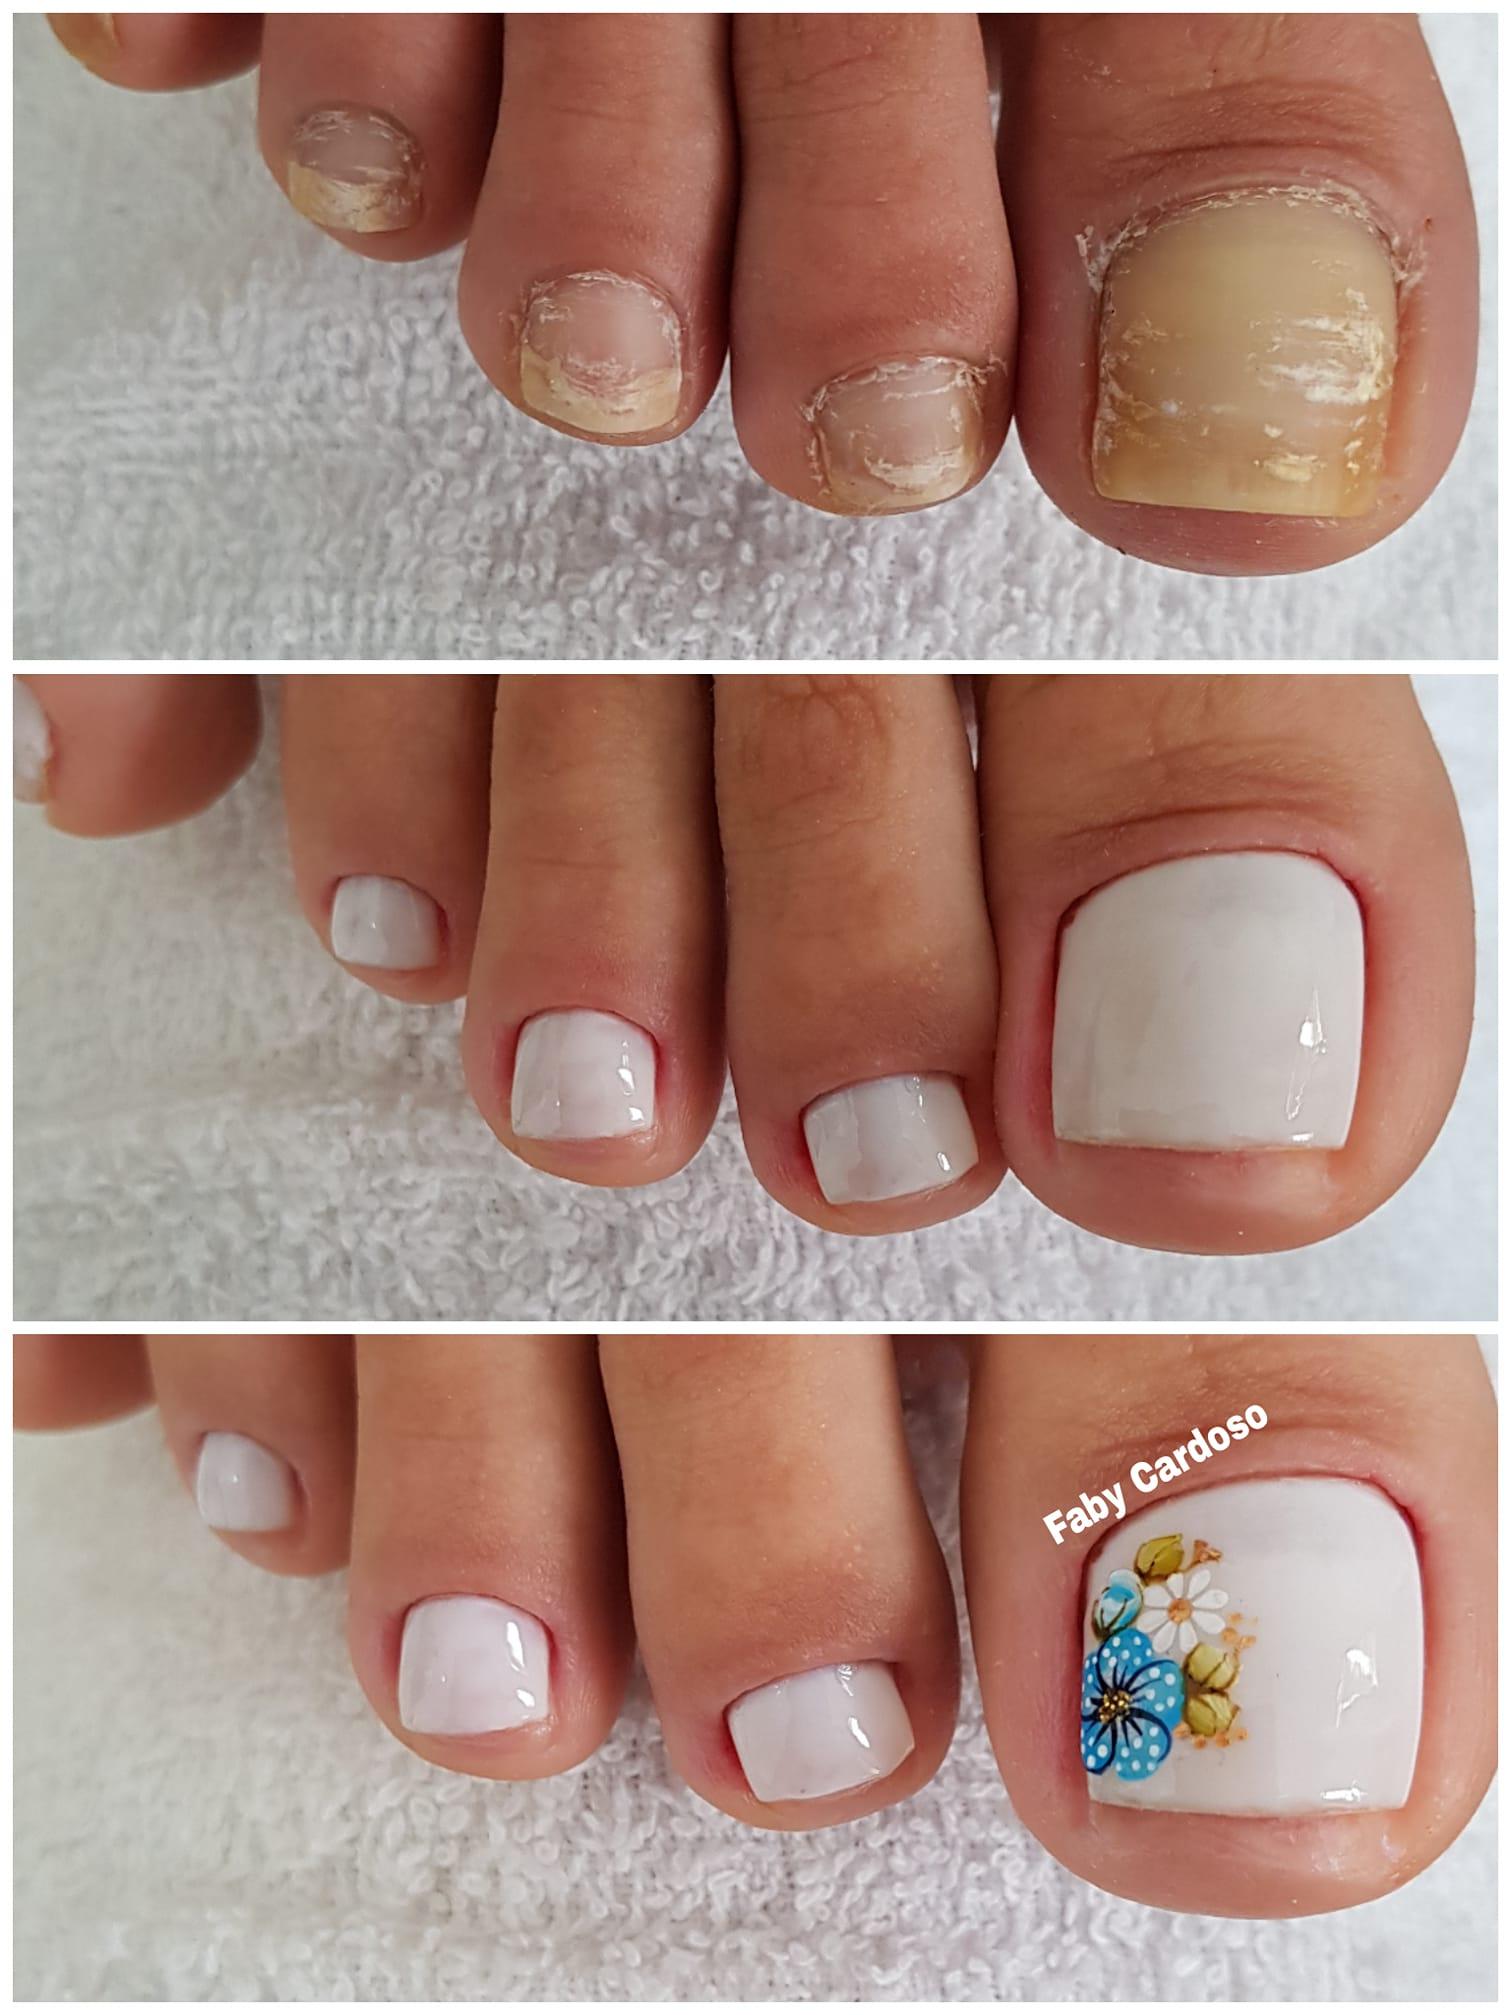 Unhas dos pés com cores e eamaltes perfeitos2.3